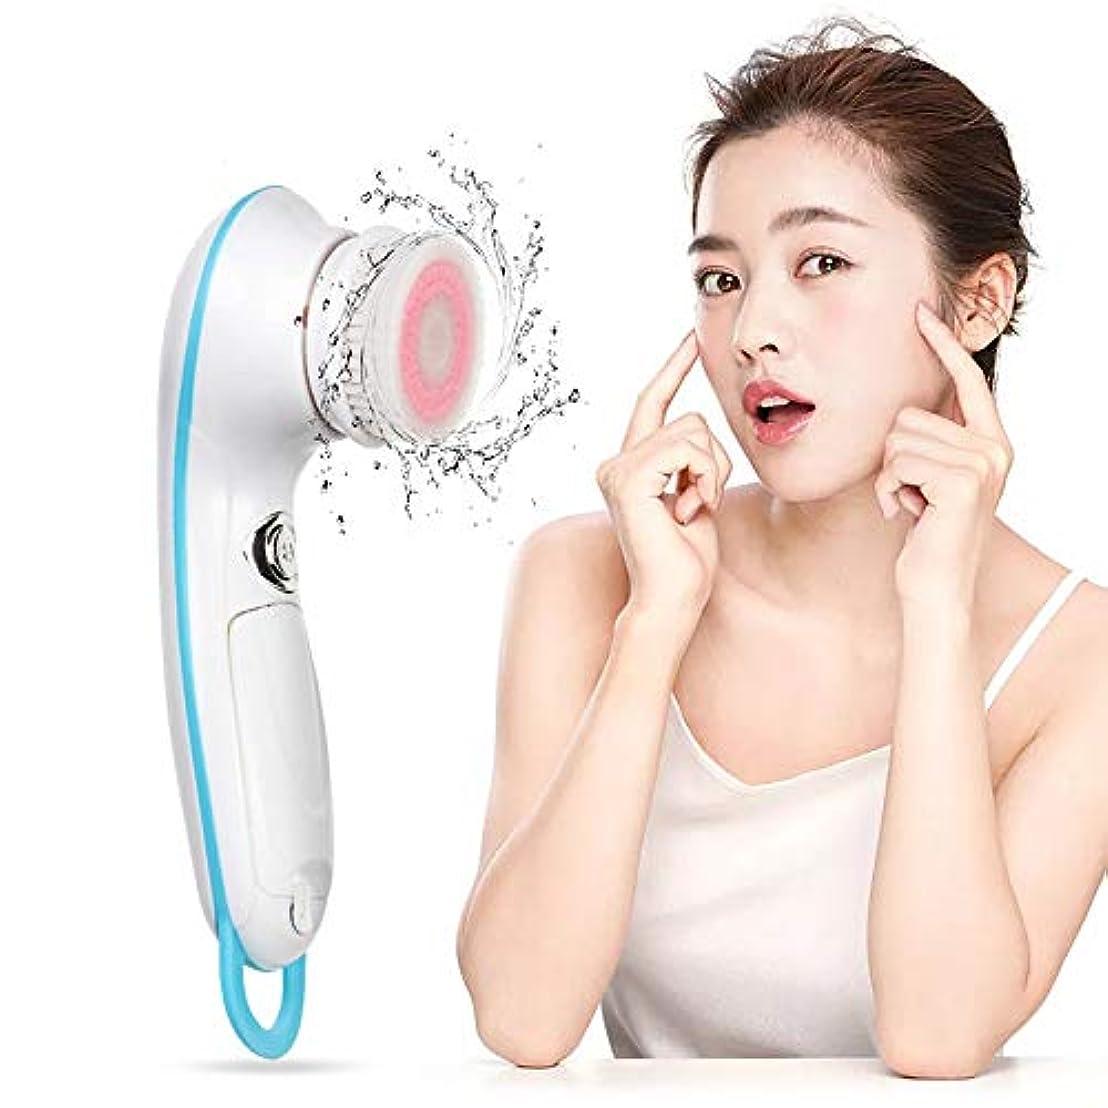 航空口実フレキシブル洗顔は、ブラックヘッドの取り外しとタイマーとのスキンクレンザーメイク除去フェイスマッサージをマッサージ、ディープクレンジング、エクスフォリエイティング用防水、電気ブラシ